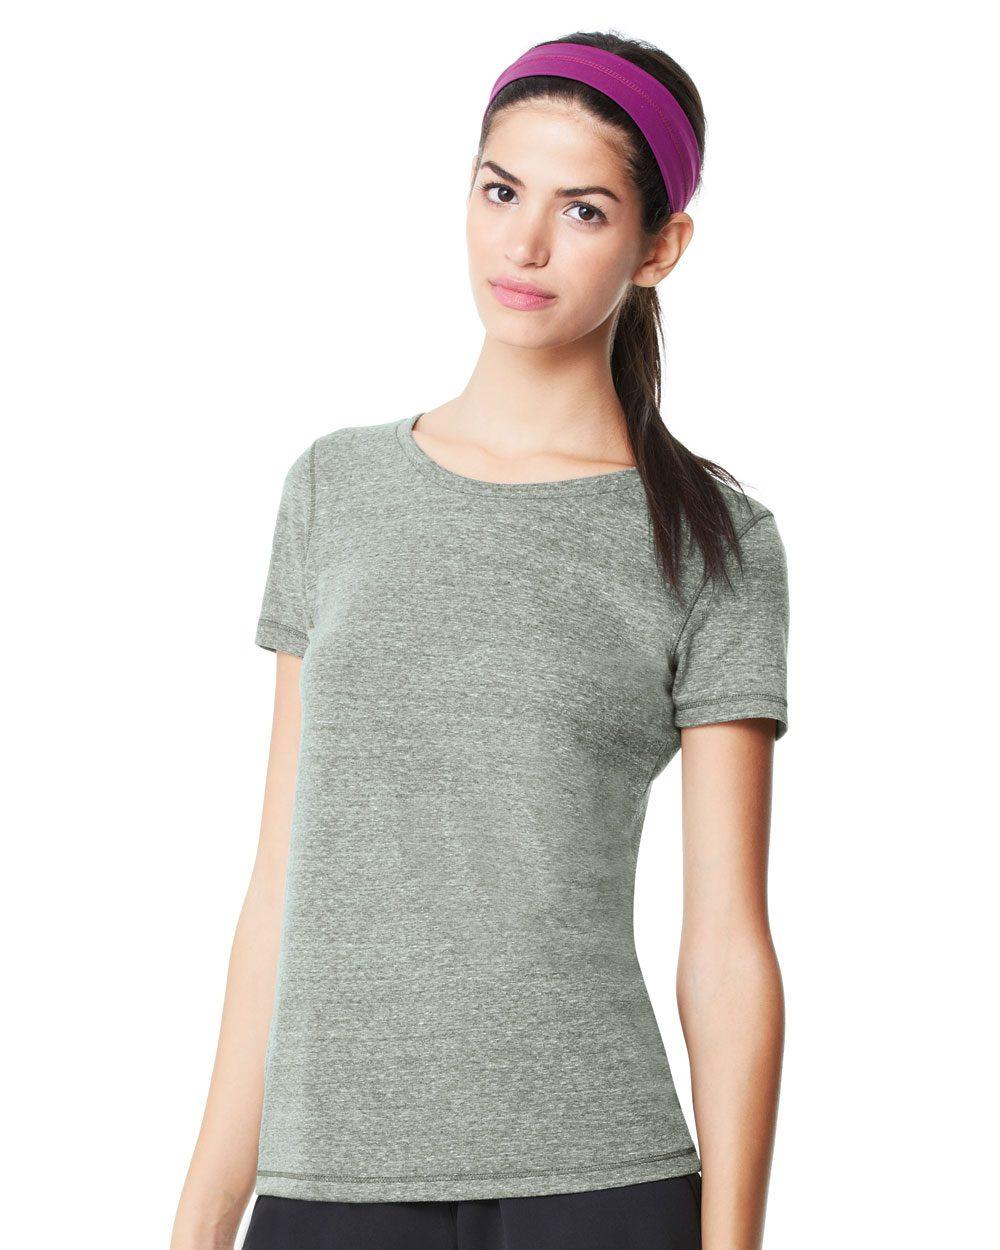 af3fbc19 alo - Ladies' Triblend Short Sleeve T-Shirt - W1101 - Evan Webster INK